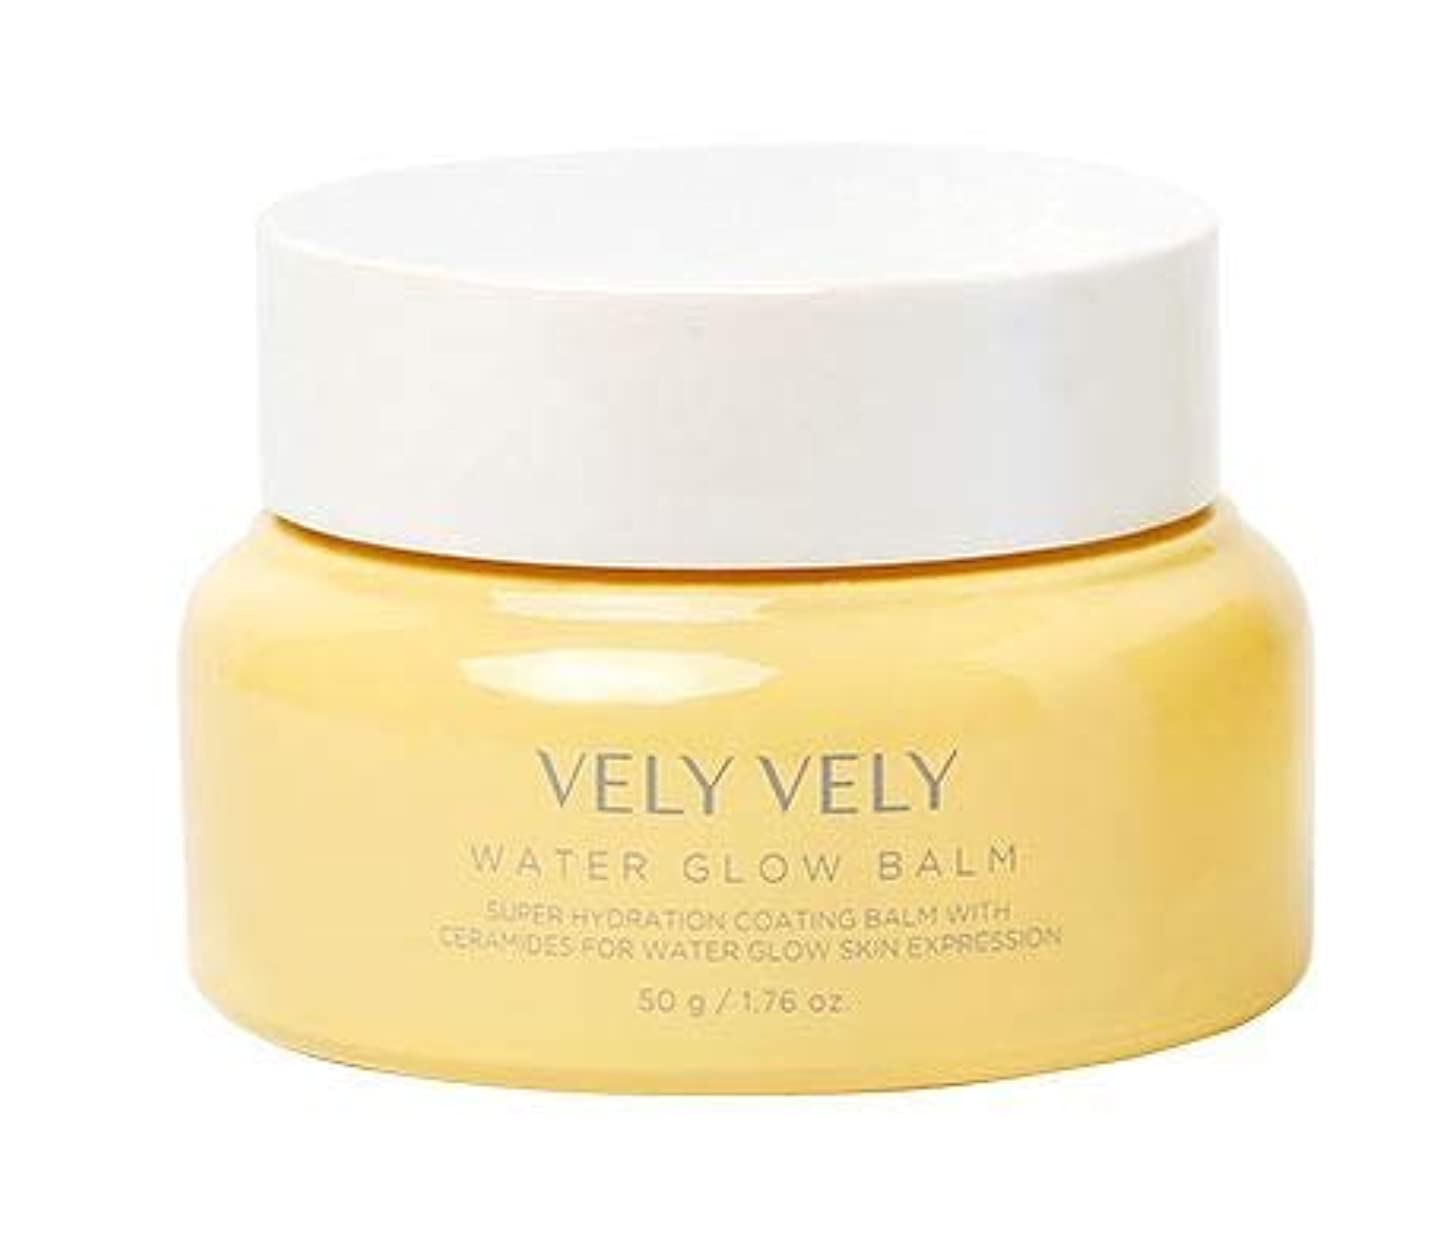 時々言い訳罪Vely Vely Water Glow Balm(ウォーターグローバーム) 50g [並行輸入品]